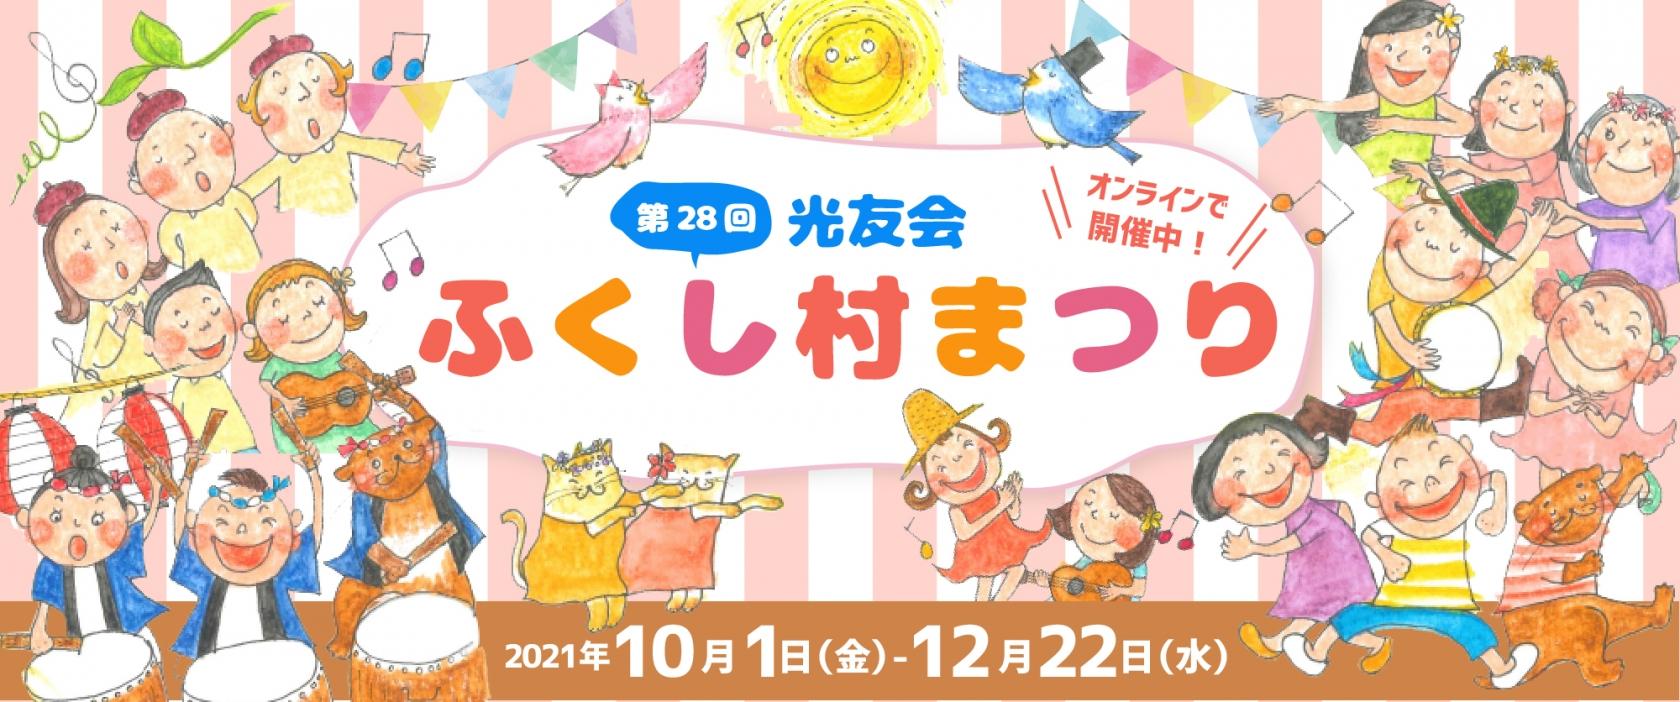 光友会 ふくし村まつり 2021年10月1日(金)から12月22日(水)まで【オンラインで開催!】